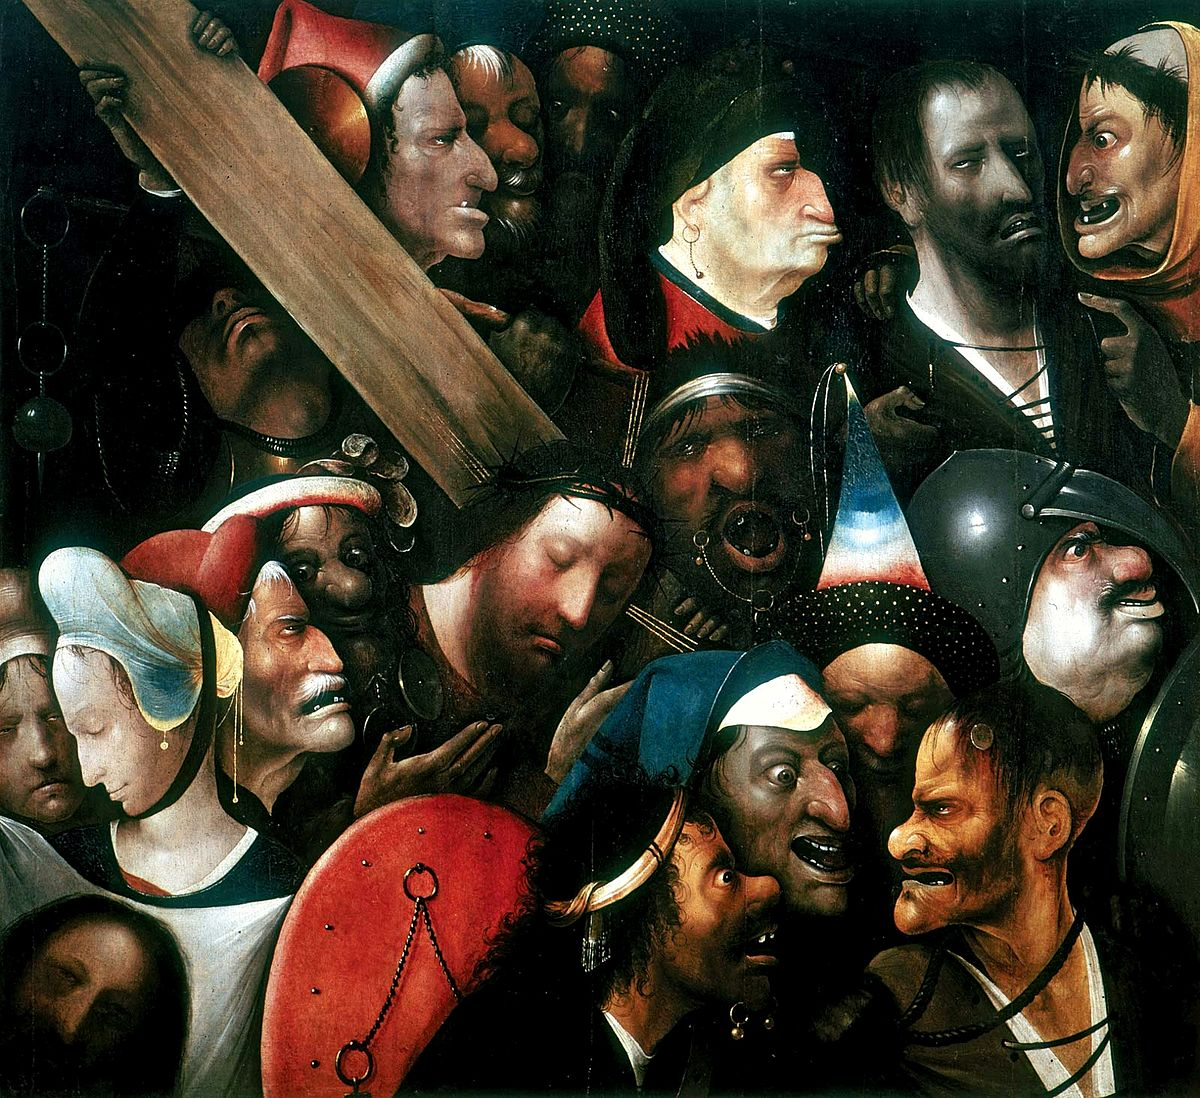 Chrystus dźwigający krzyż – Wikipedia, wolna encyklopedia